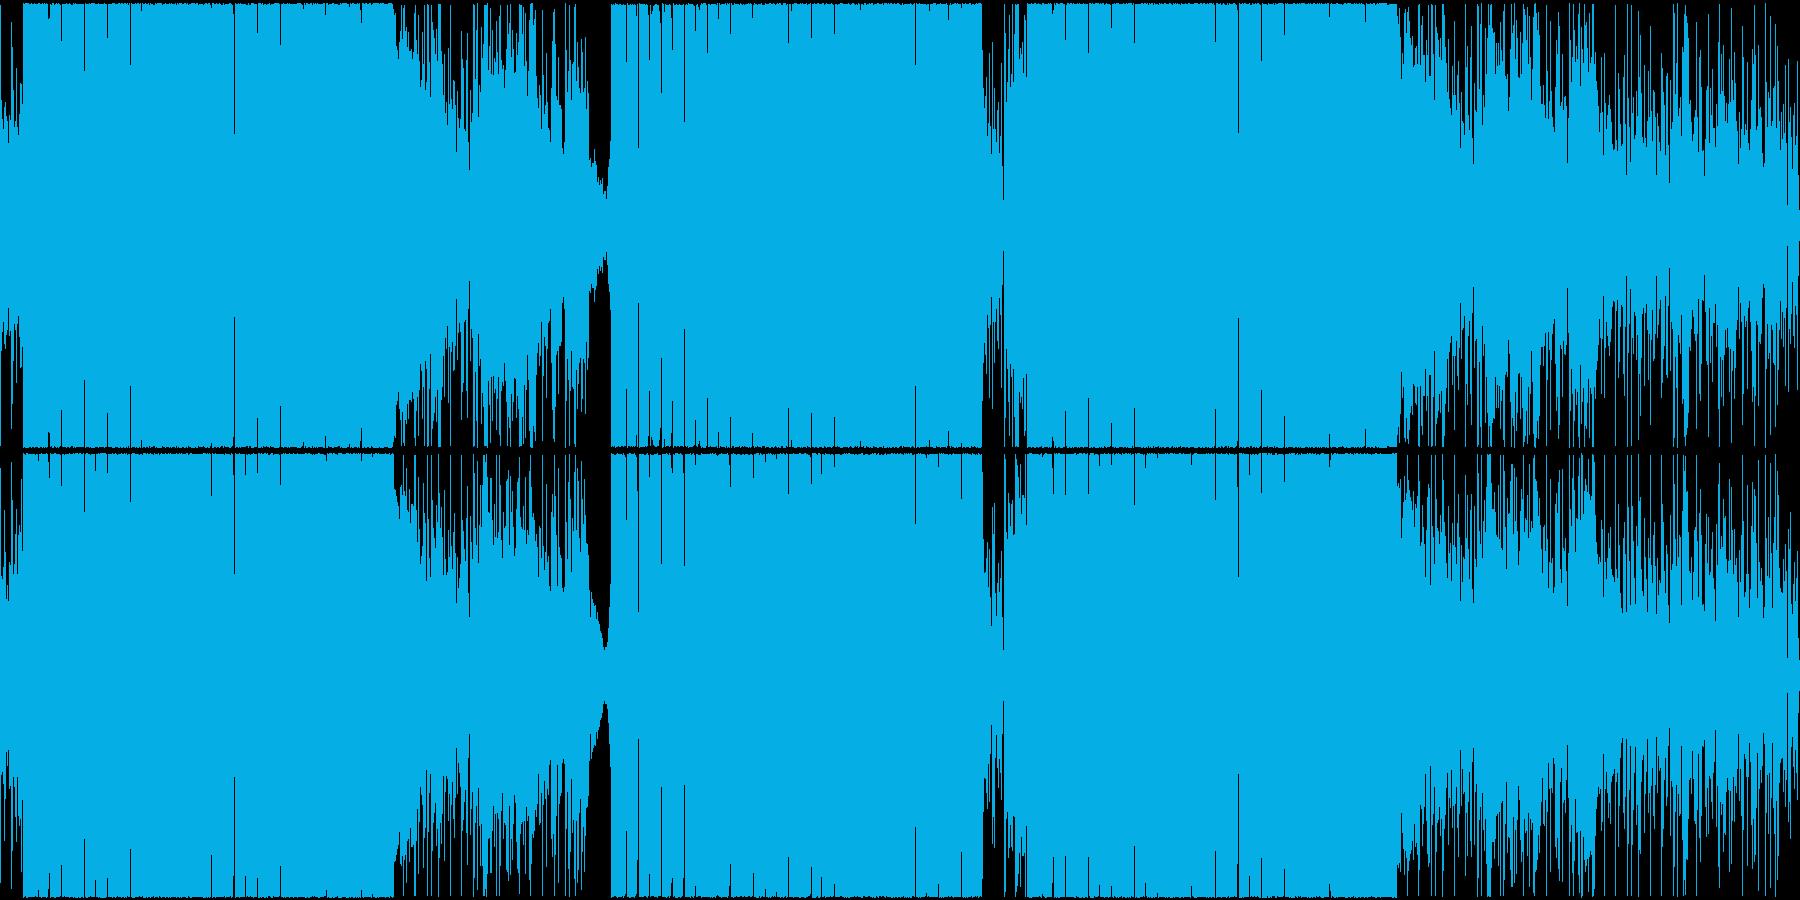 和風 テクノ 日本 ダンス 太鼓 LPの再生済みの波形